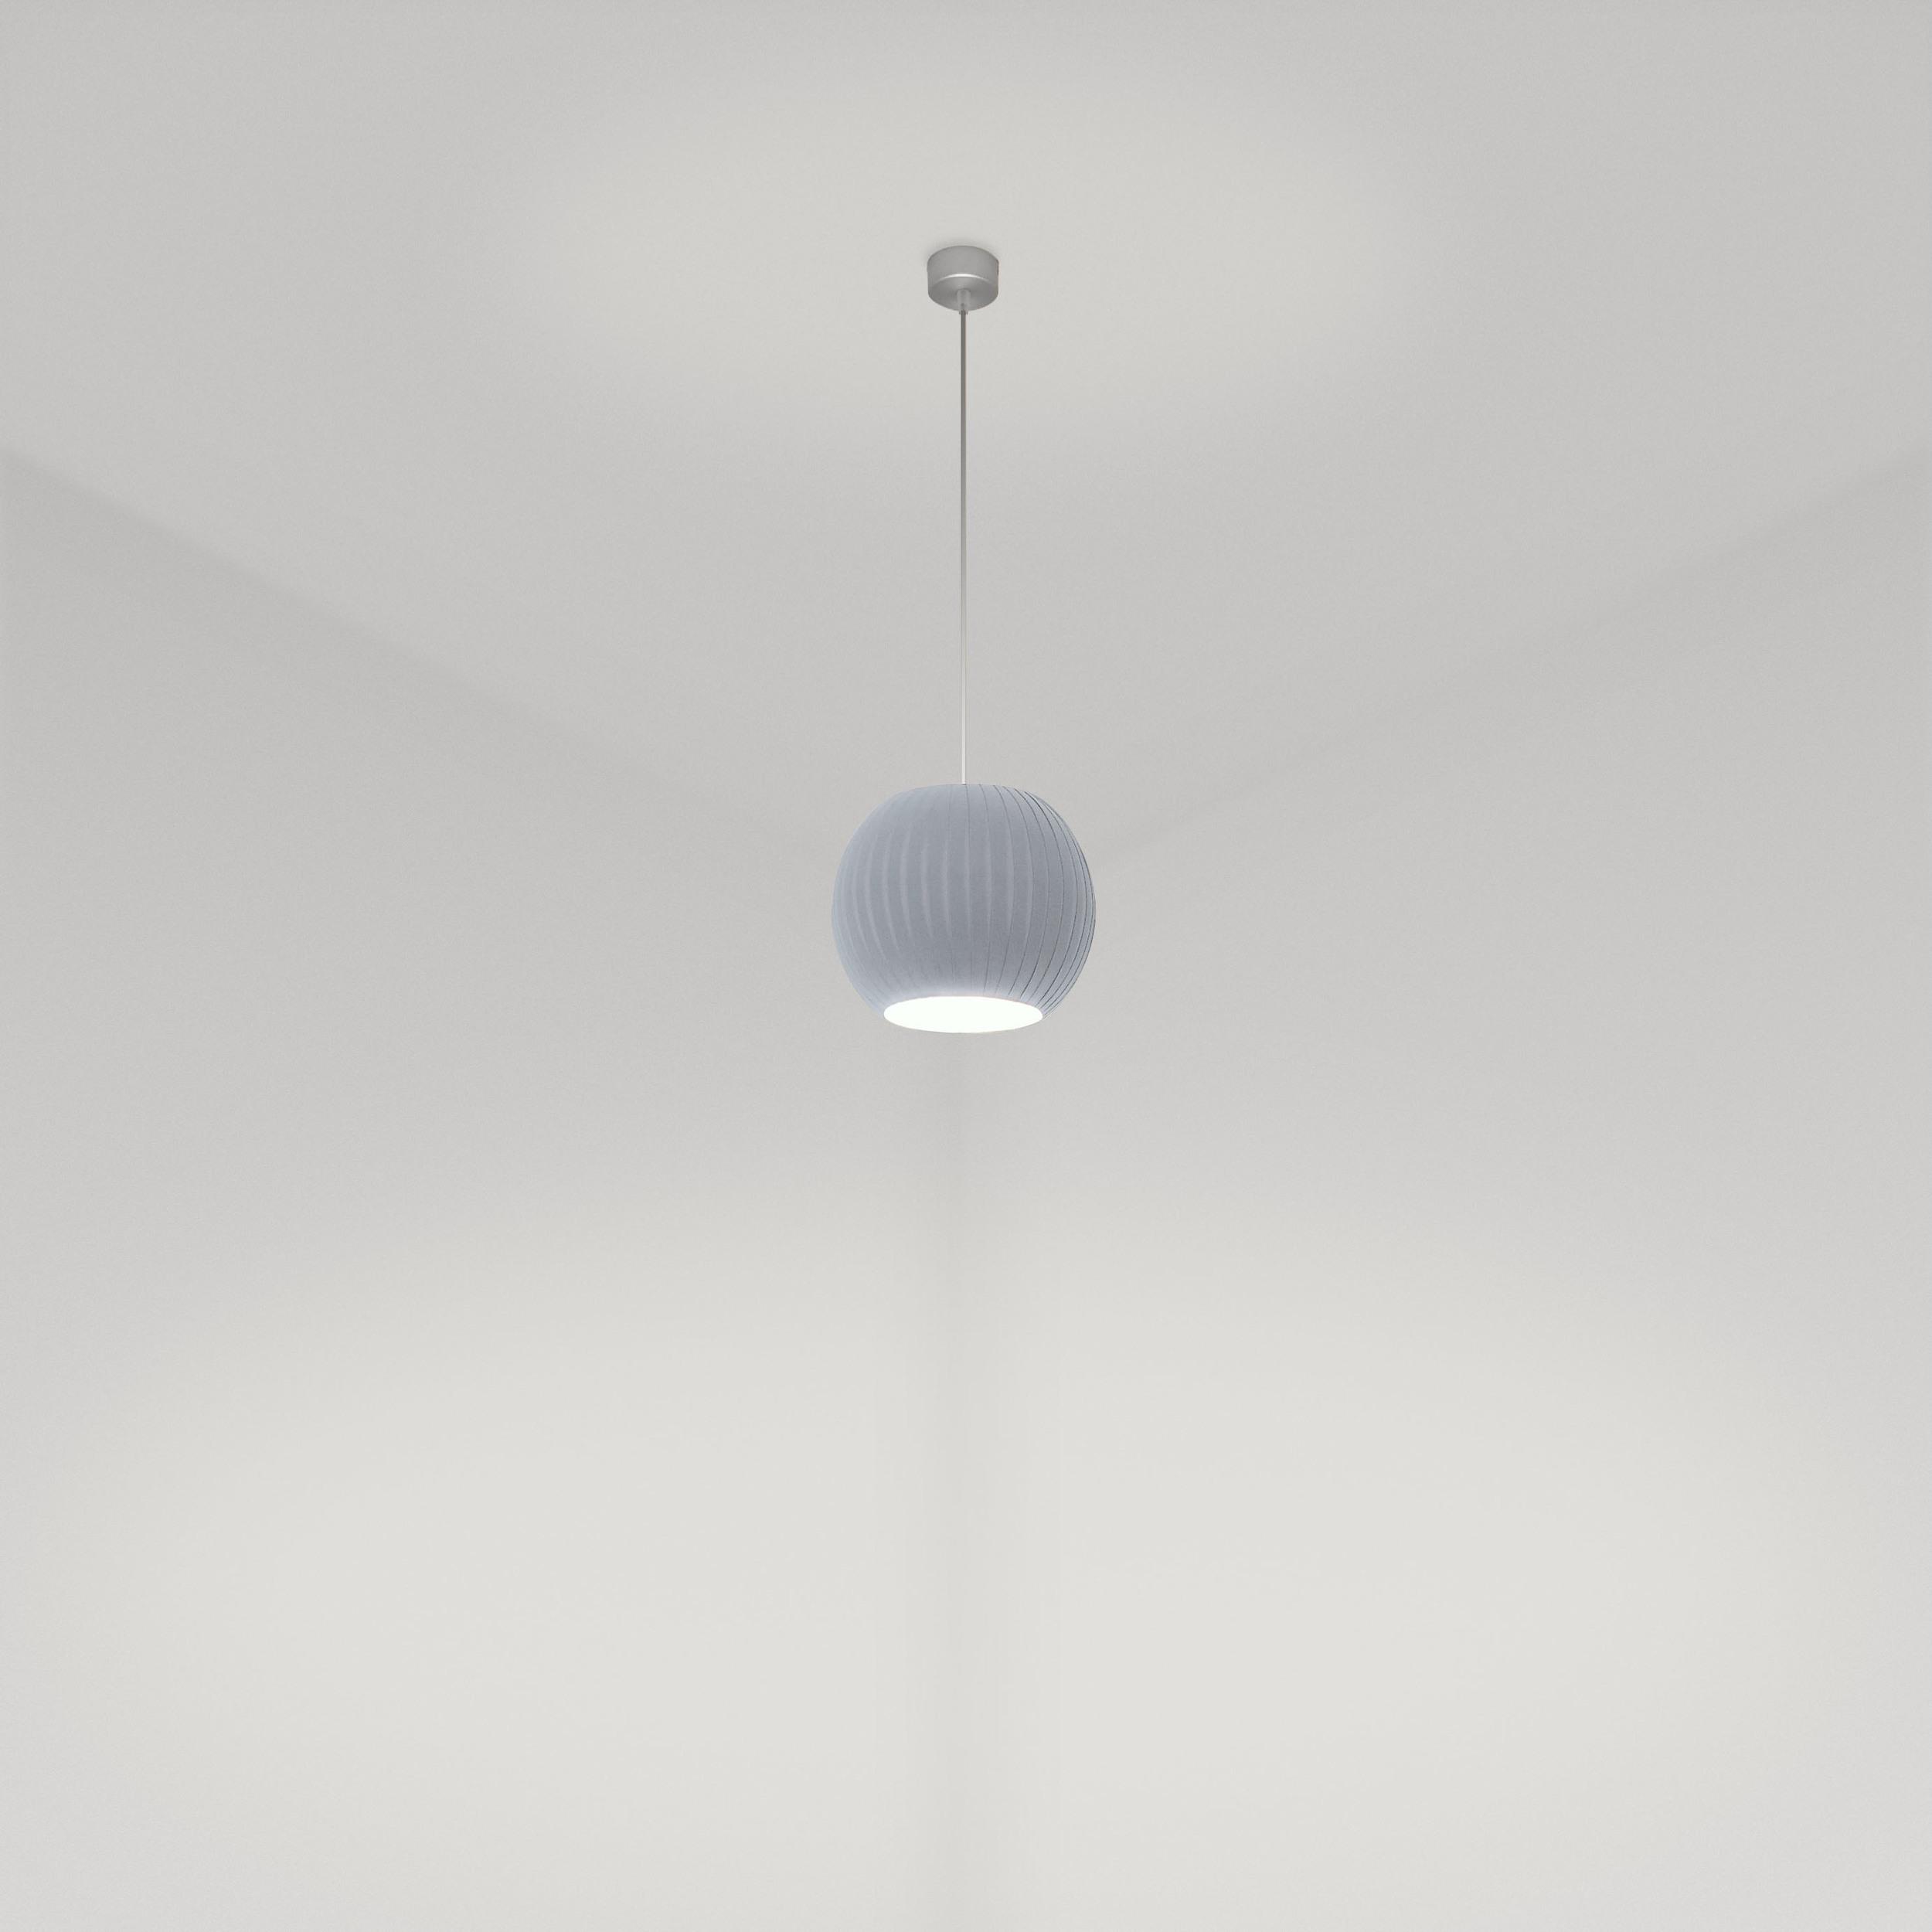 orbit_300_pendant_slate grey.jpg